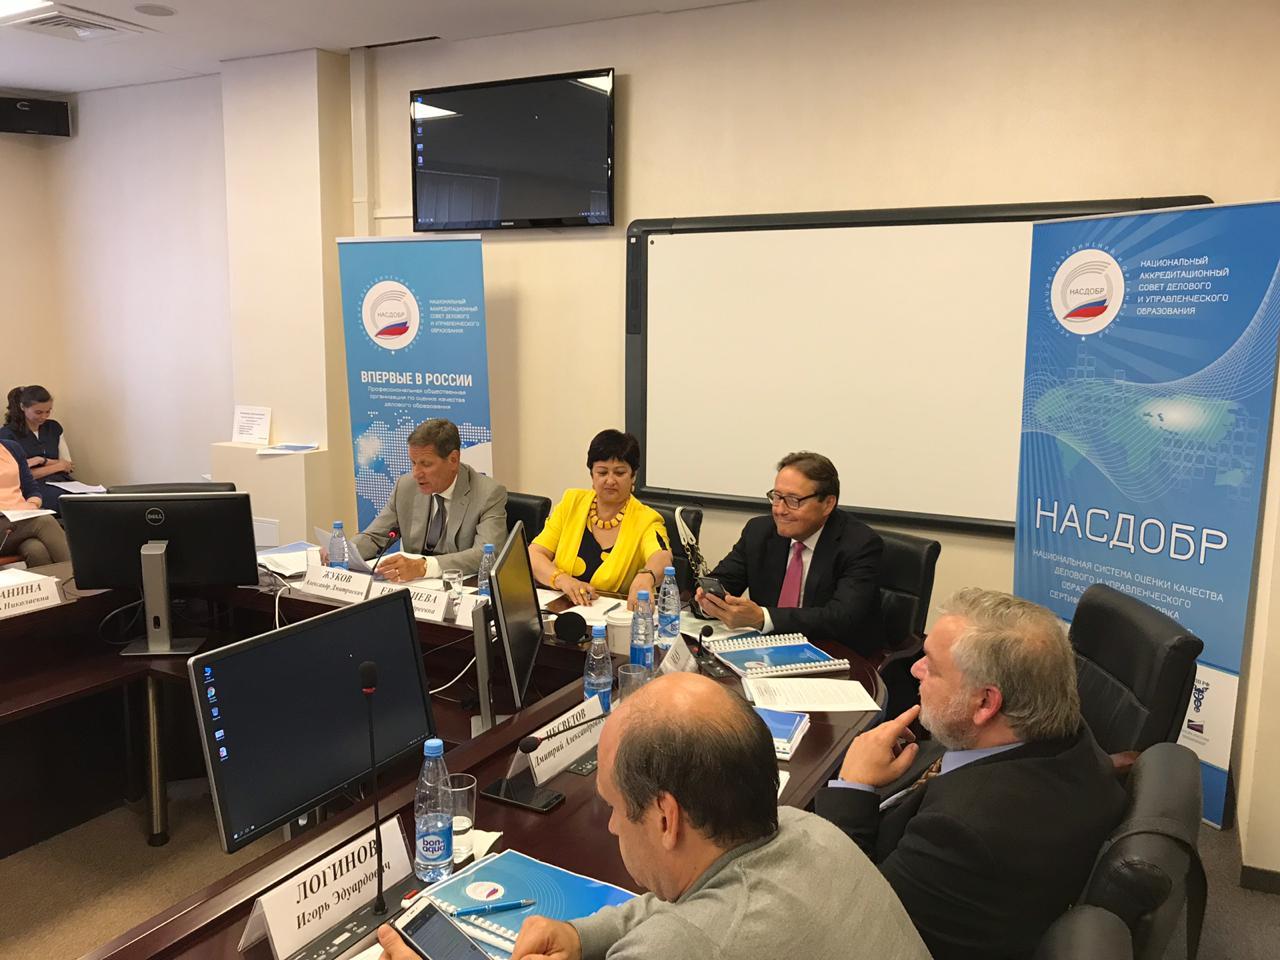 Заседание Президиума НАСДОБР фото 2